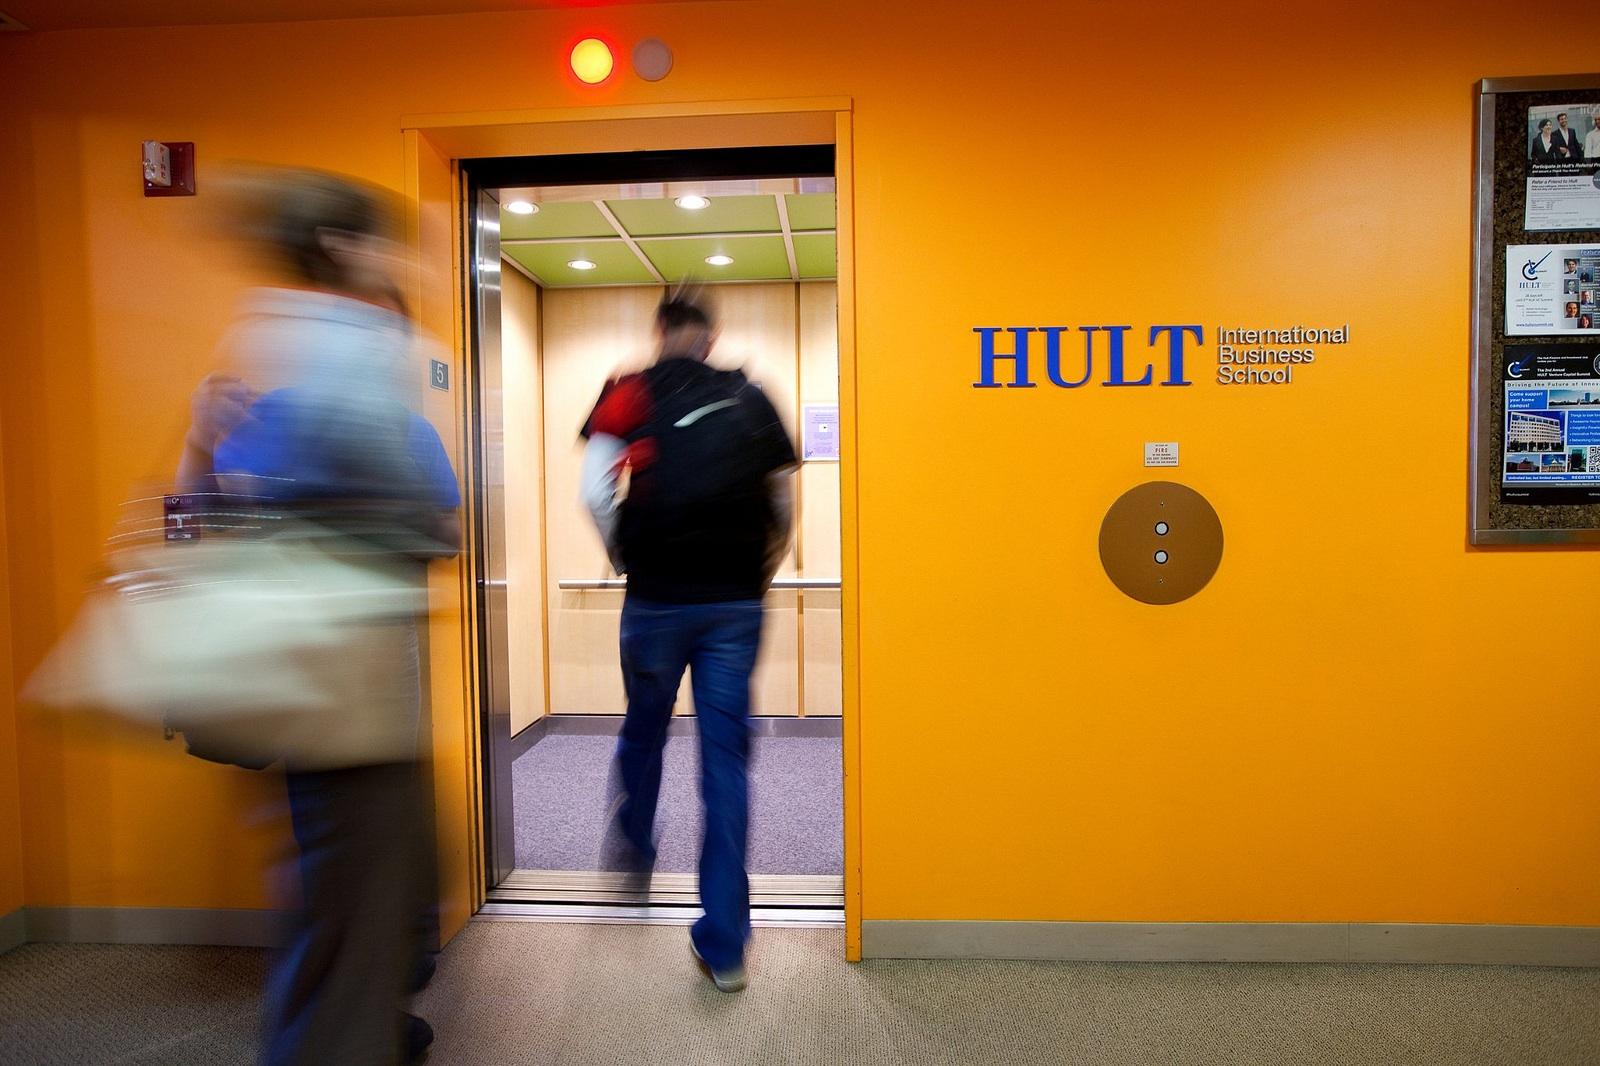 Hult_6